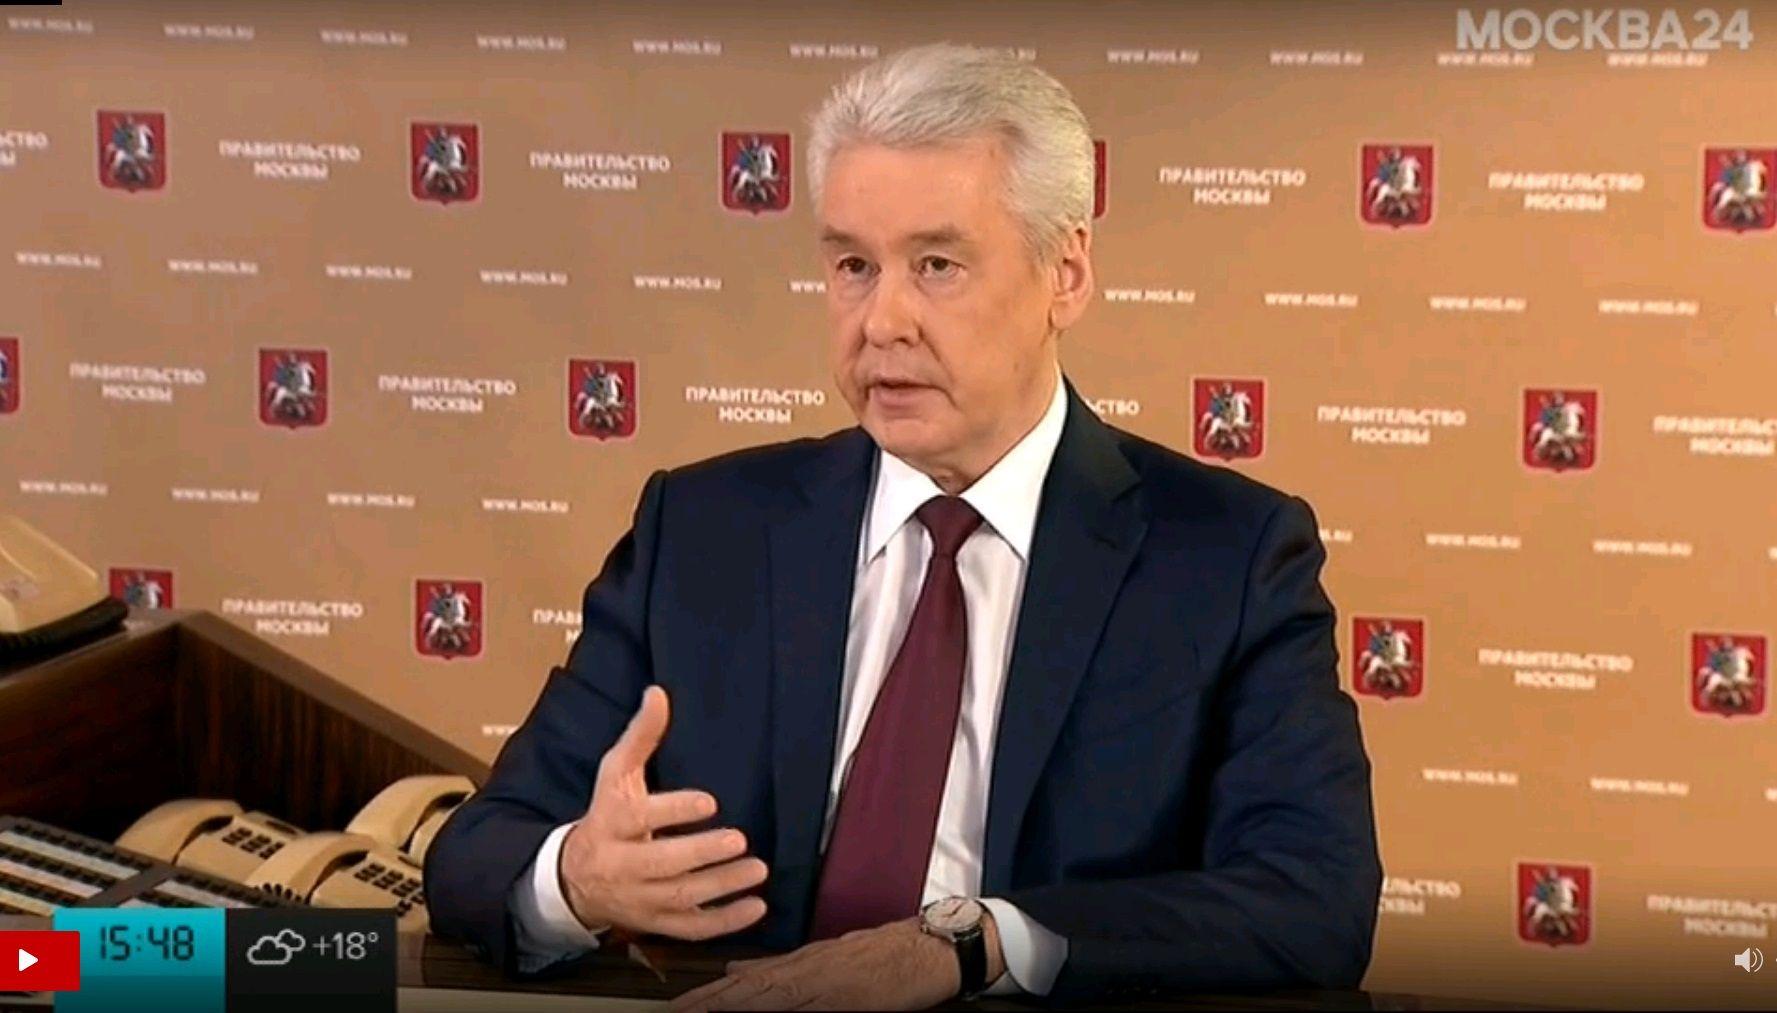 Сергей Собянин: Приступили к смягчению ограничений